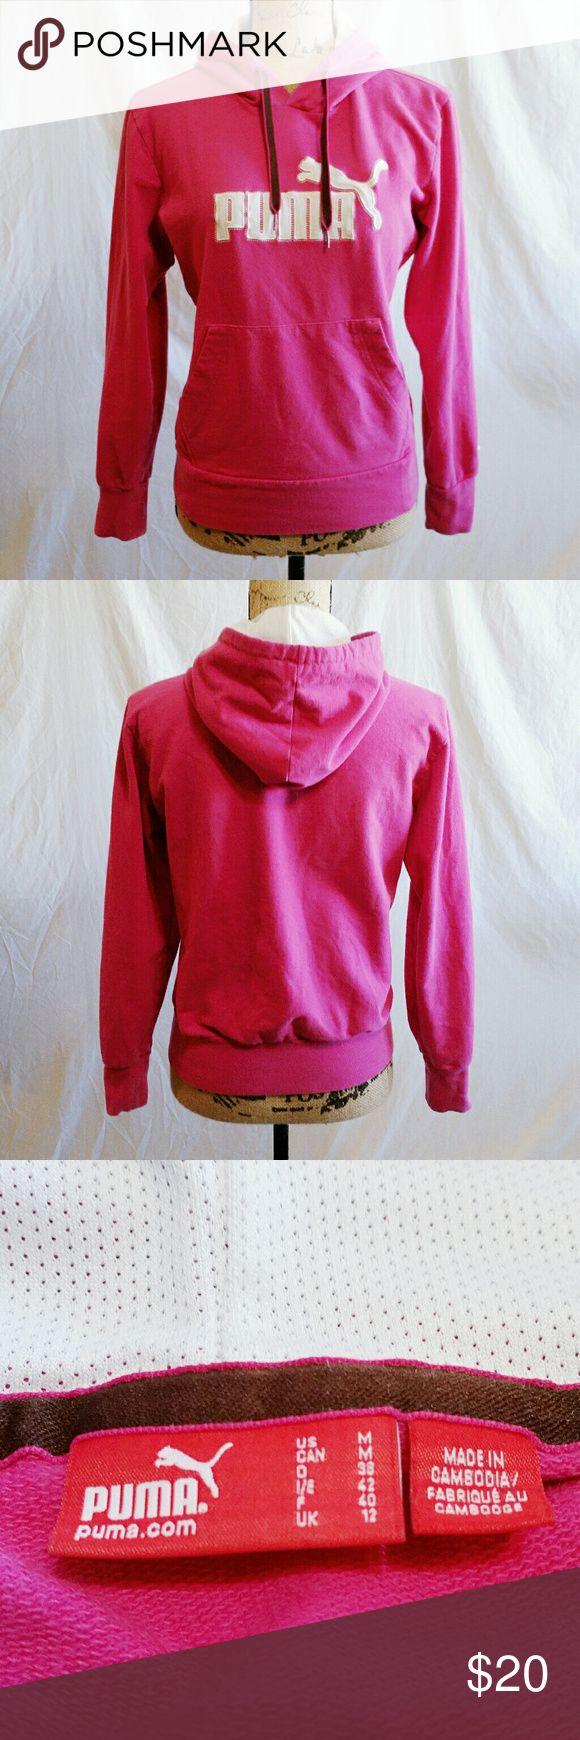 Puma jacke schwarz pink